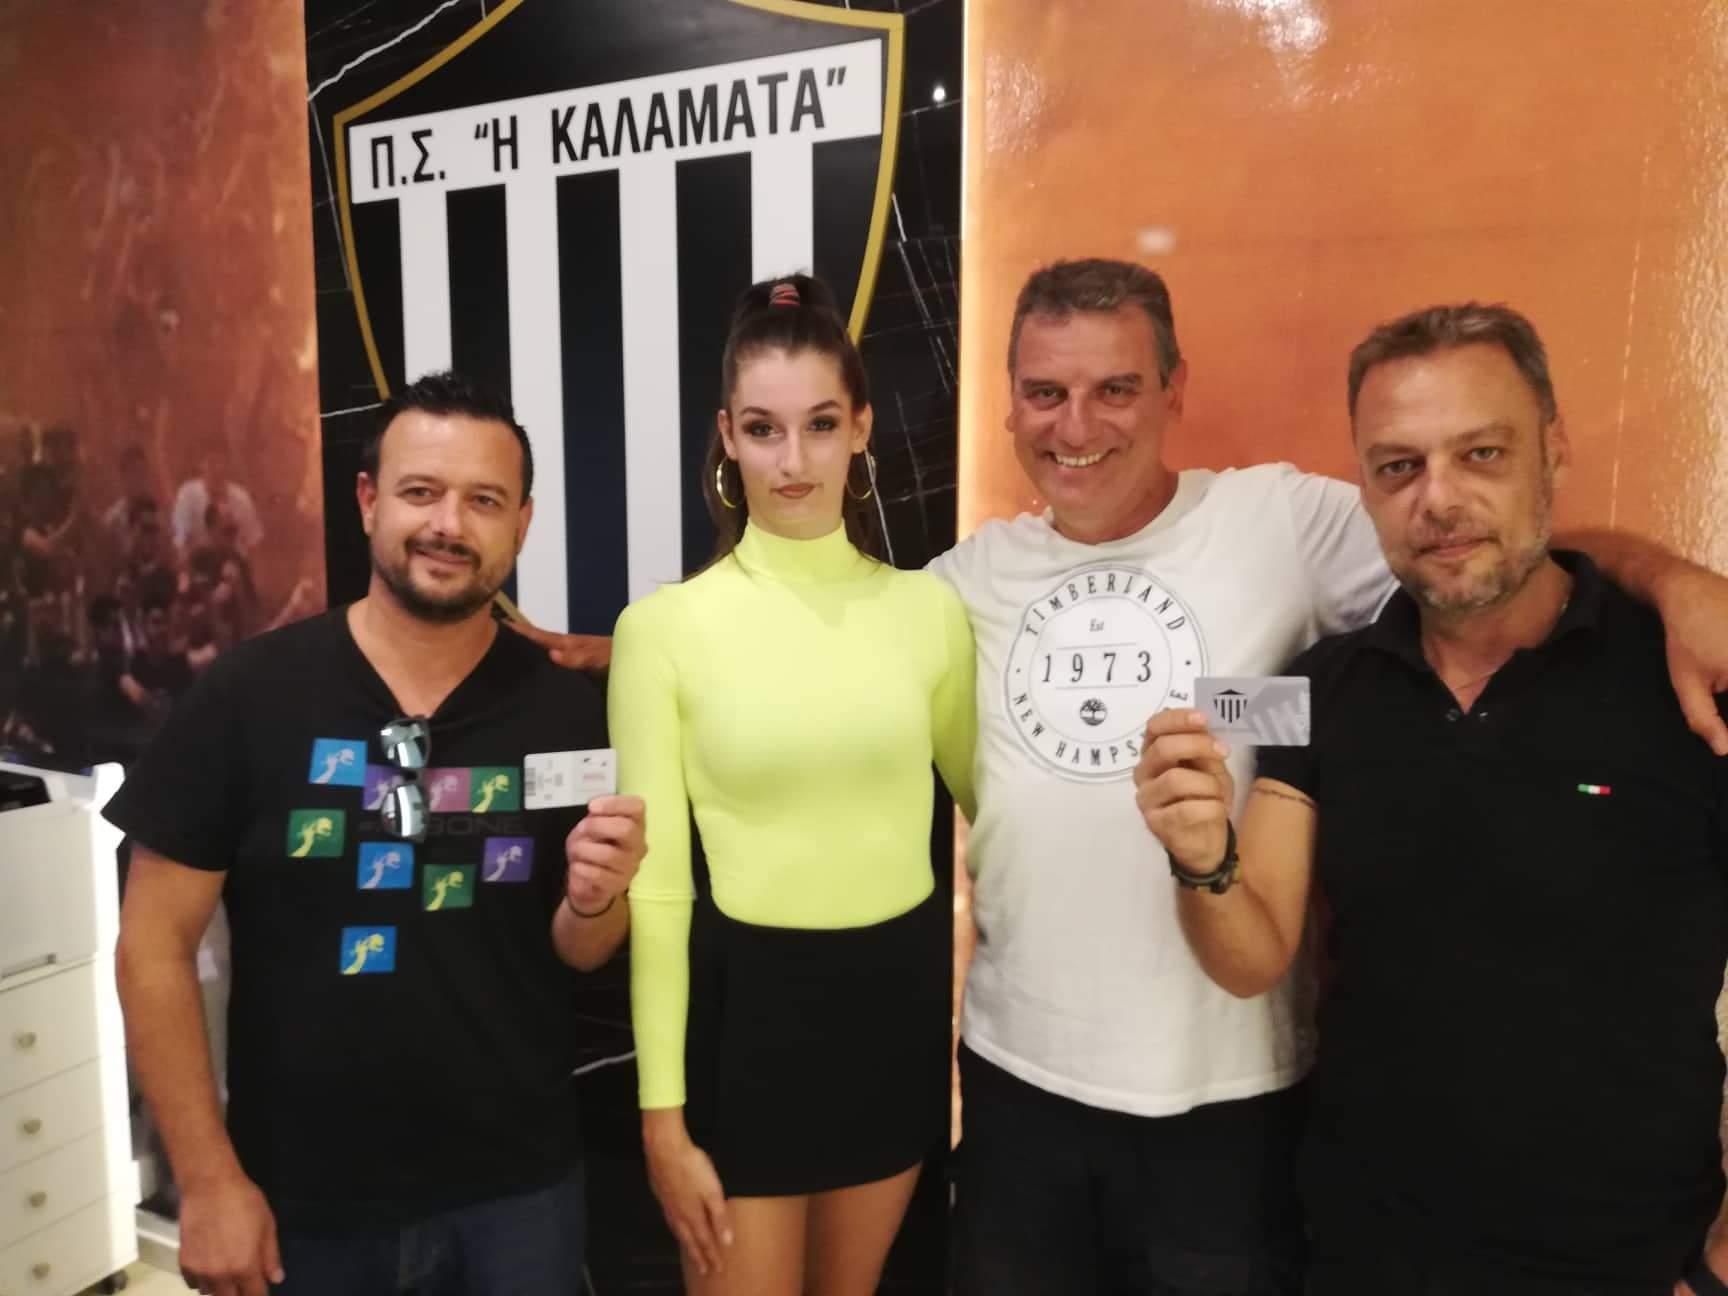 Παρέλαβαν τα διαρκείας της Καλαμάτας οι τυχεροί της κλήρωσης του sportstonoto (photos+video)